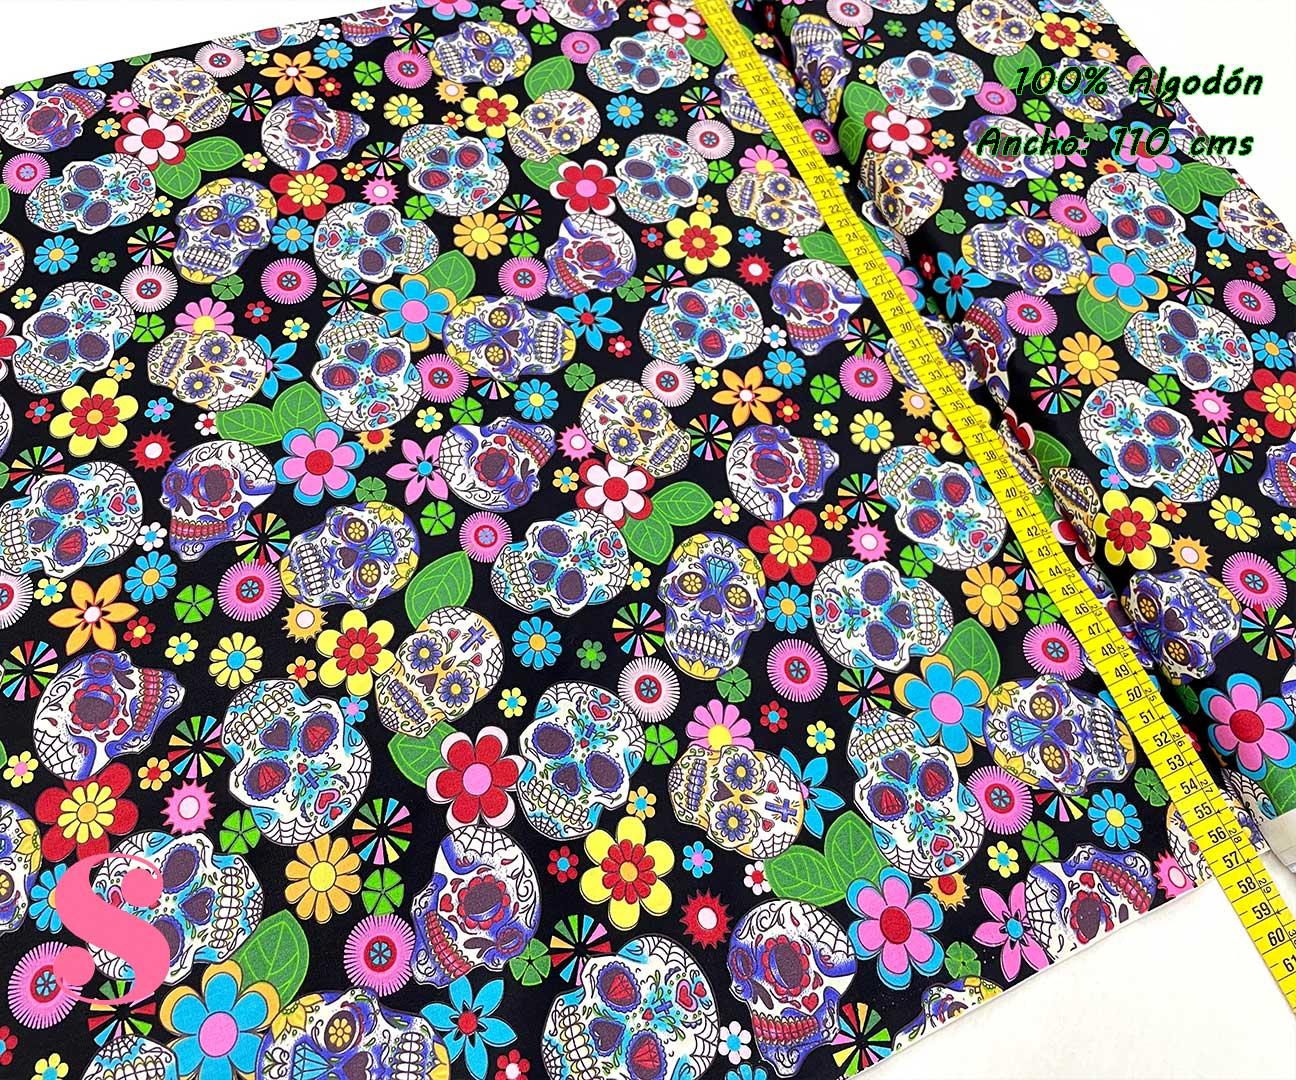 3-telas-estampadas-calaveras,tela-estampado-catrinas,telas-calaveras-mejicanas-de-algodón,telas-de-moda,Patch Americano Rose & Hubble Calavera Mejicana